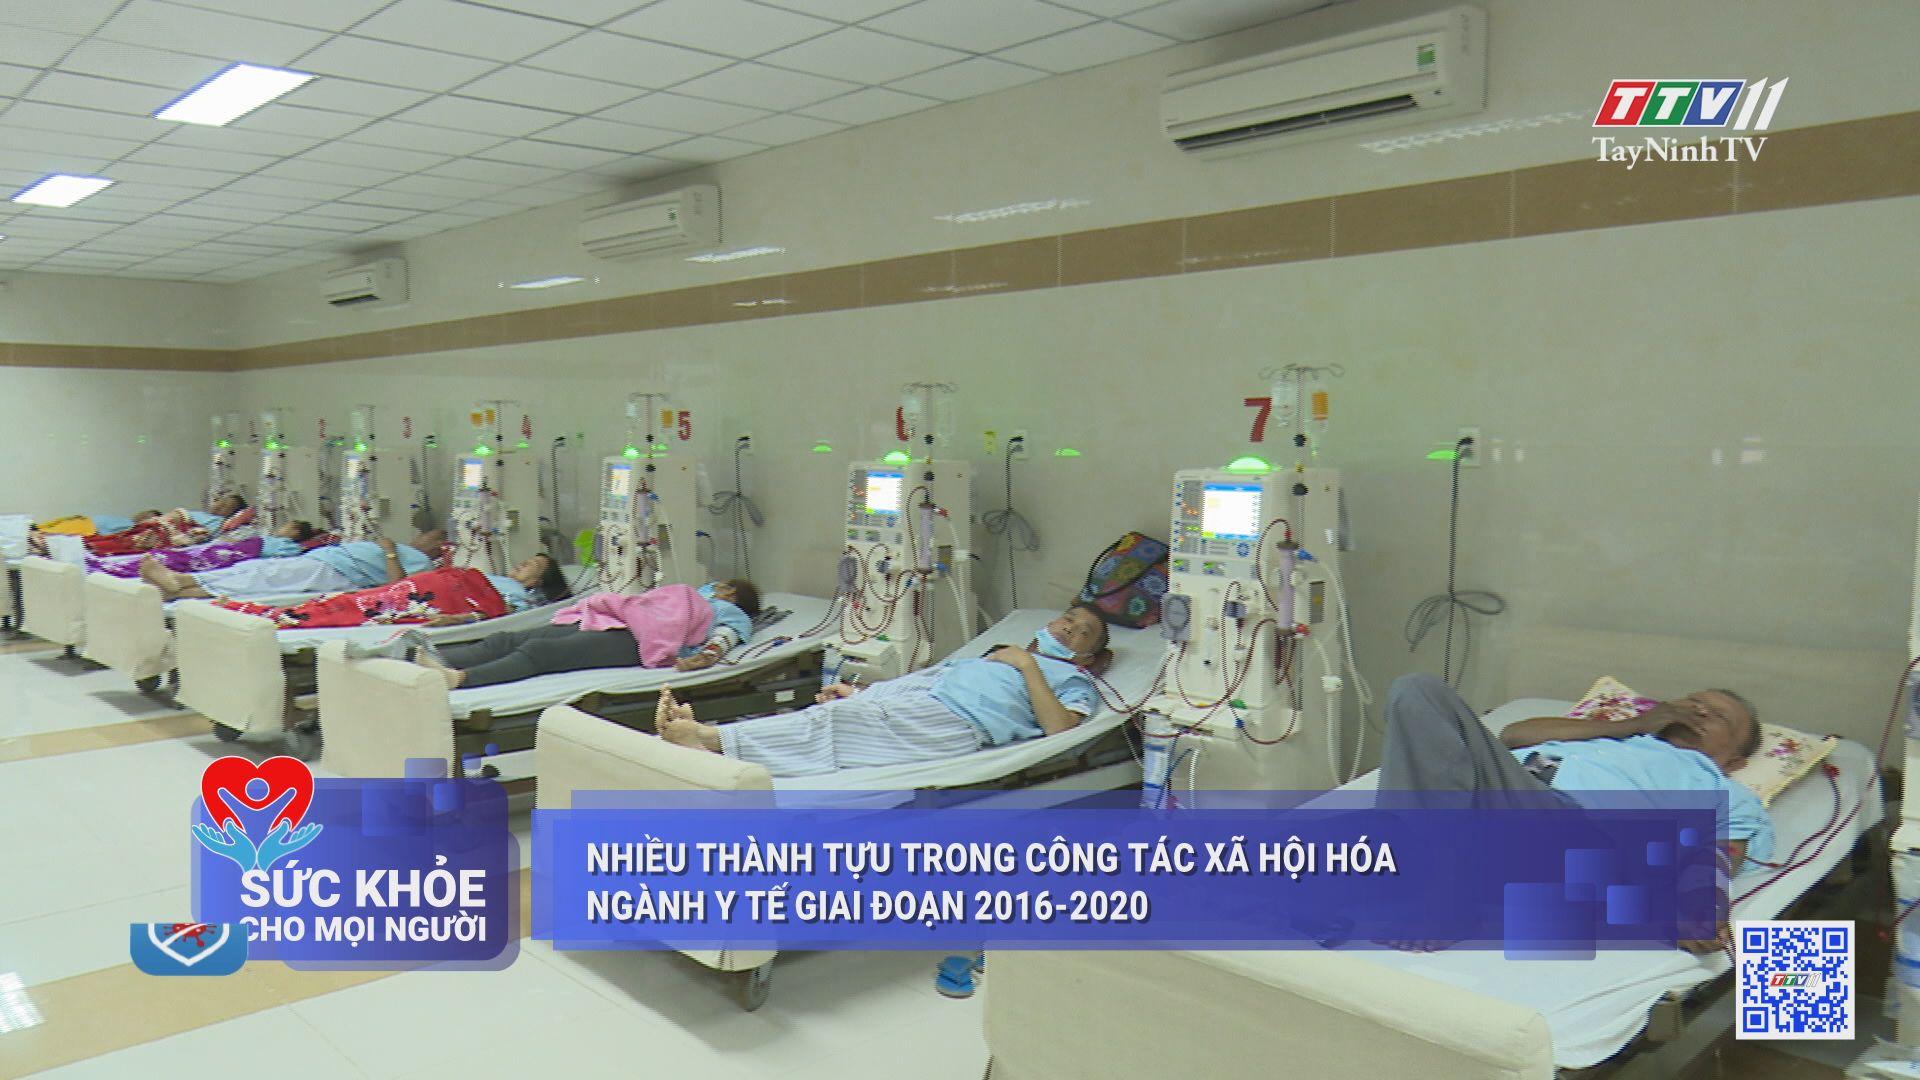 Nhiều thành tựu trong công tác xã hội hóa ngành y tế giai đoạn 2016-2020 | SỨC KHỎE CHO MỌI NGƯỜI | TayNinhTV